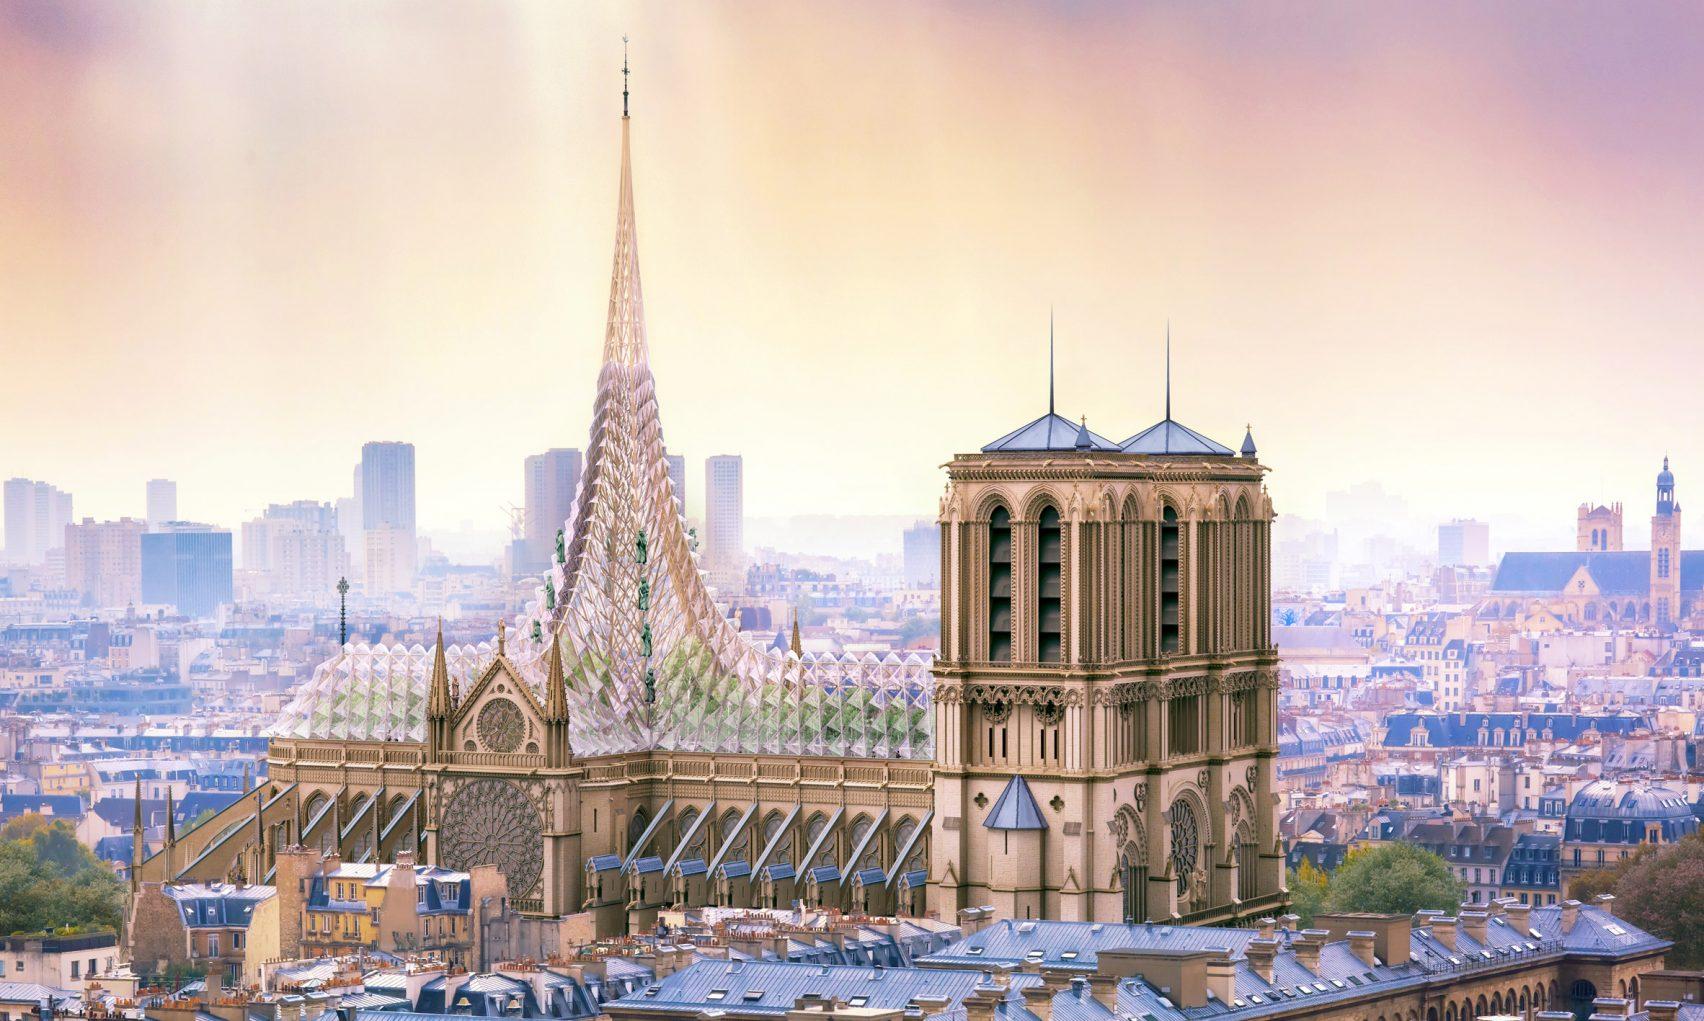 notre-dame-roof-spire-proposal-vincent-callebaut_dezeen_dezeen_2364_hero_0-1704x1021.jpg